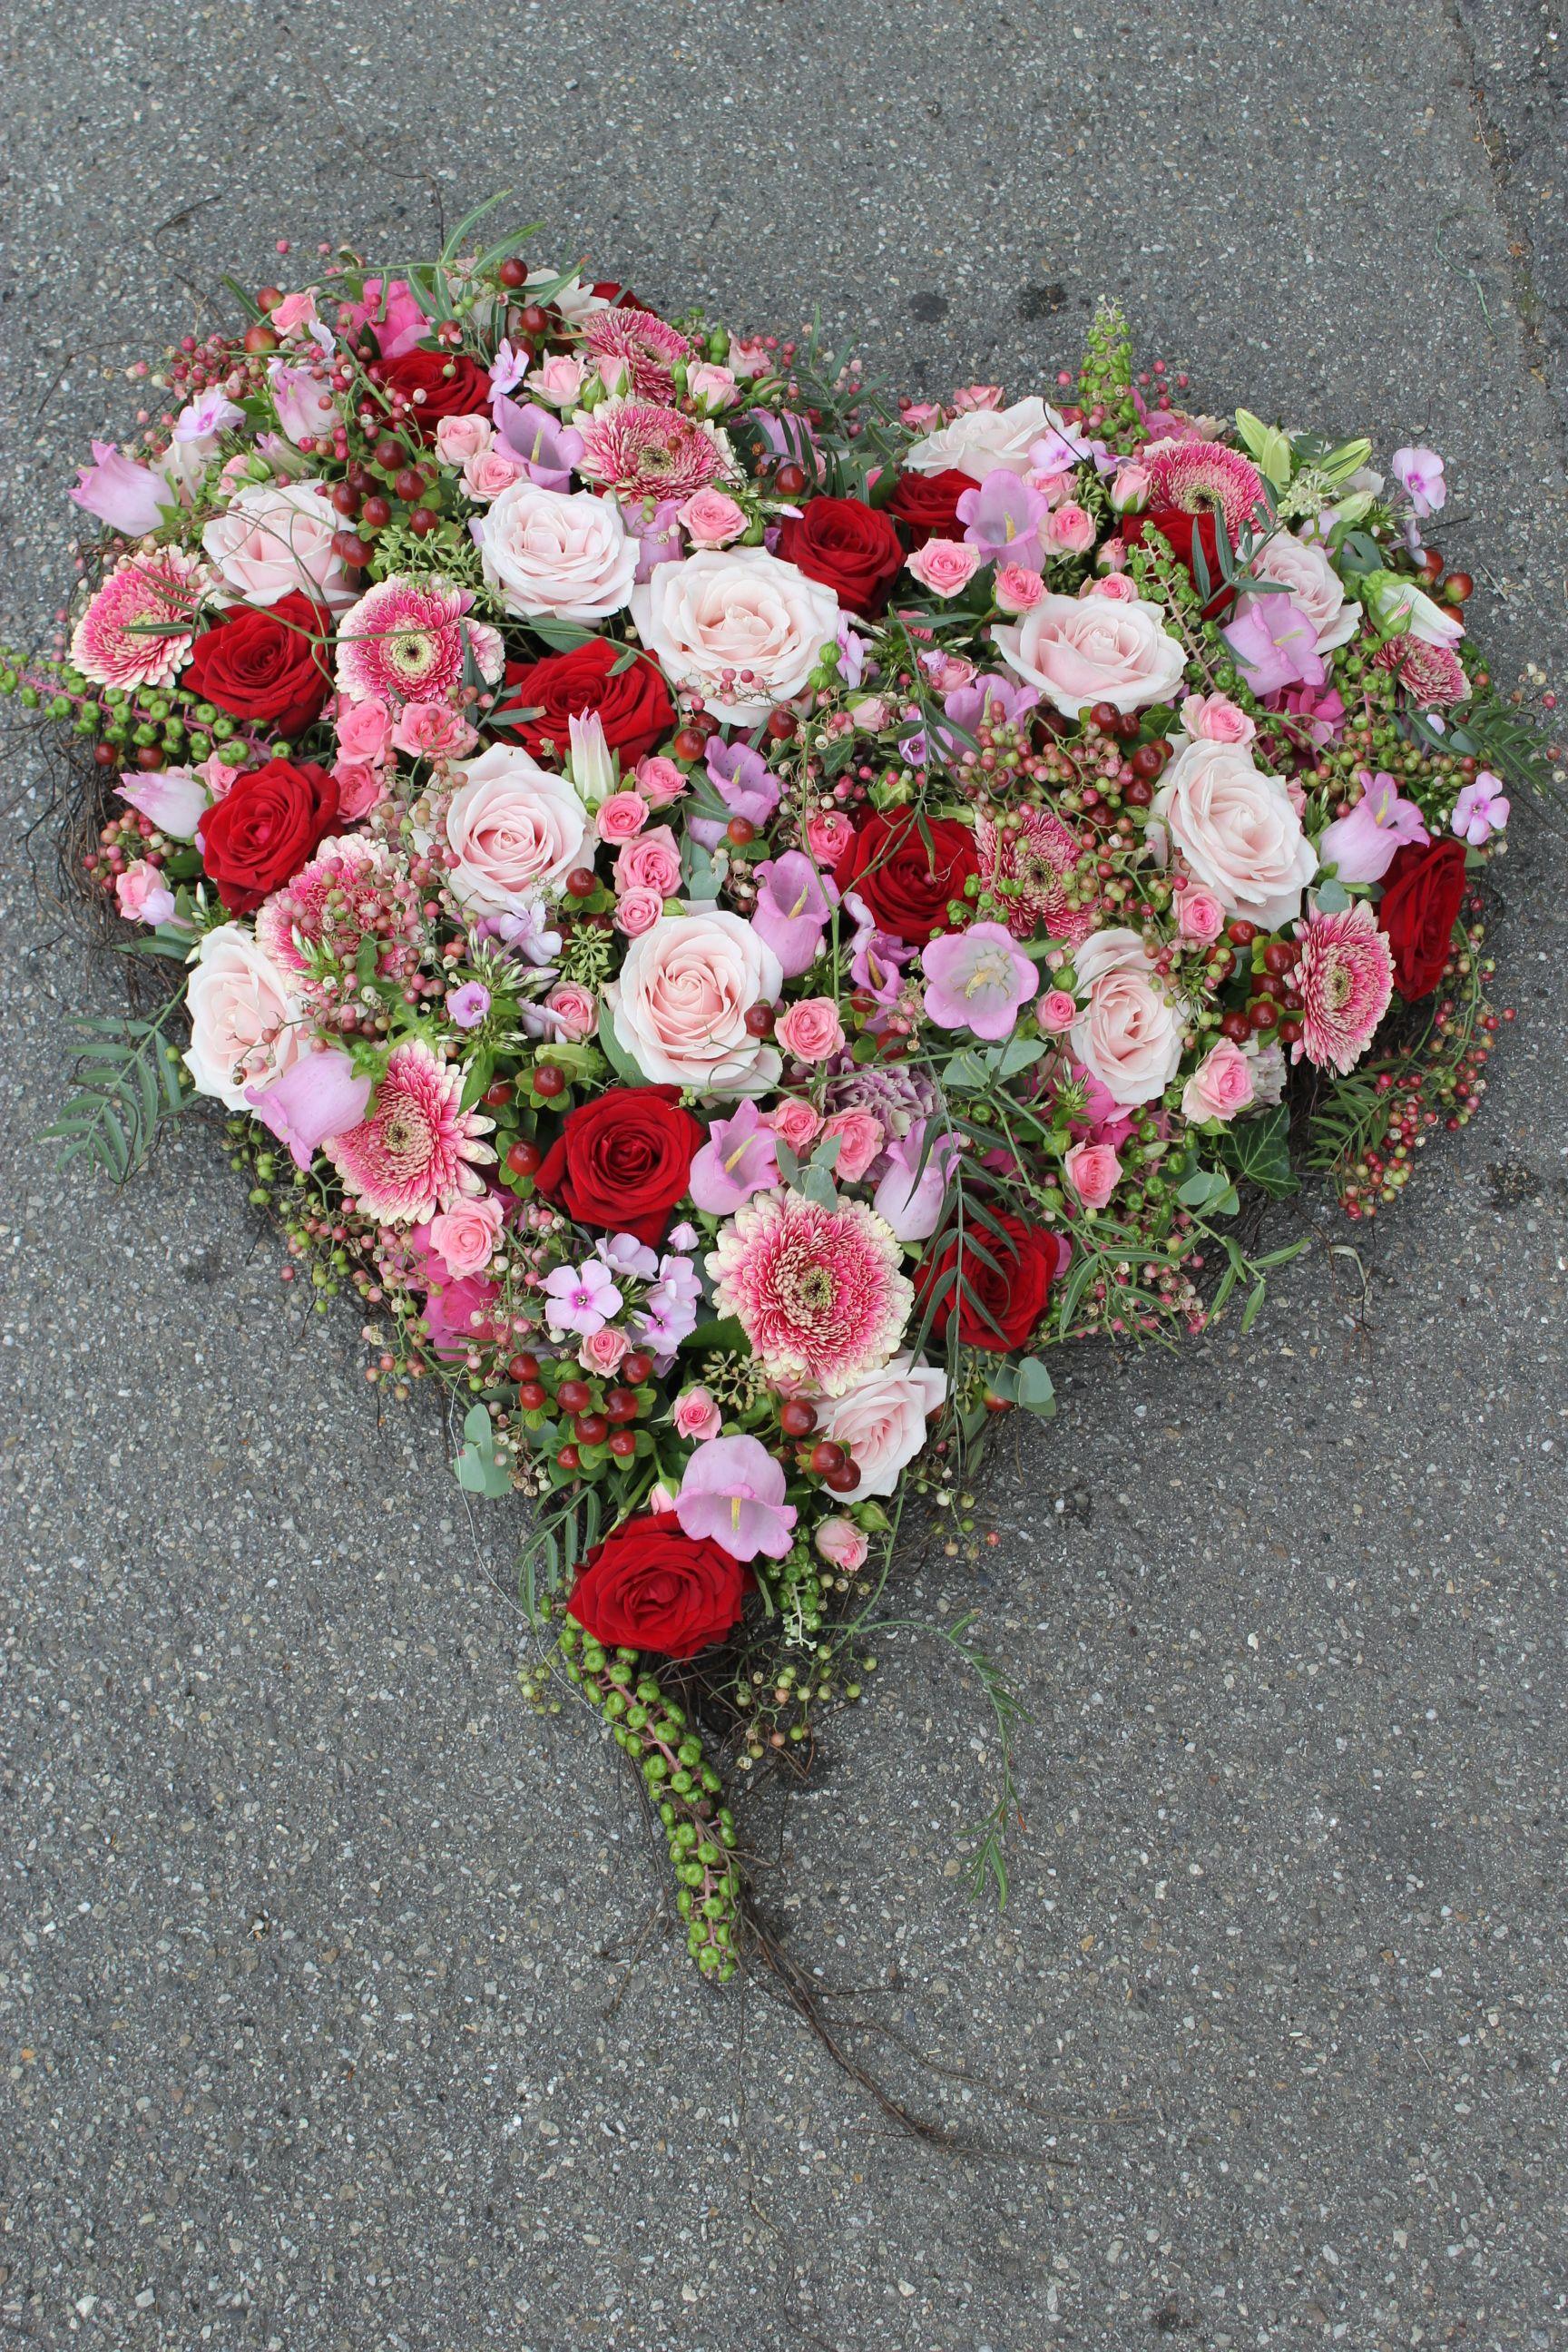 Blumenherz rosa rot  Blumenherze fr Trauerflle und Hochzeitsfeste  Pinterest  Blumen